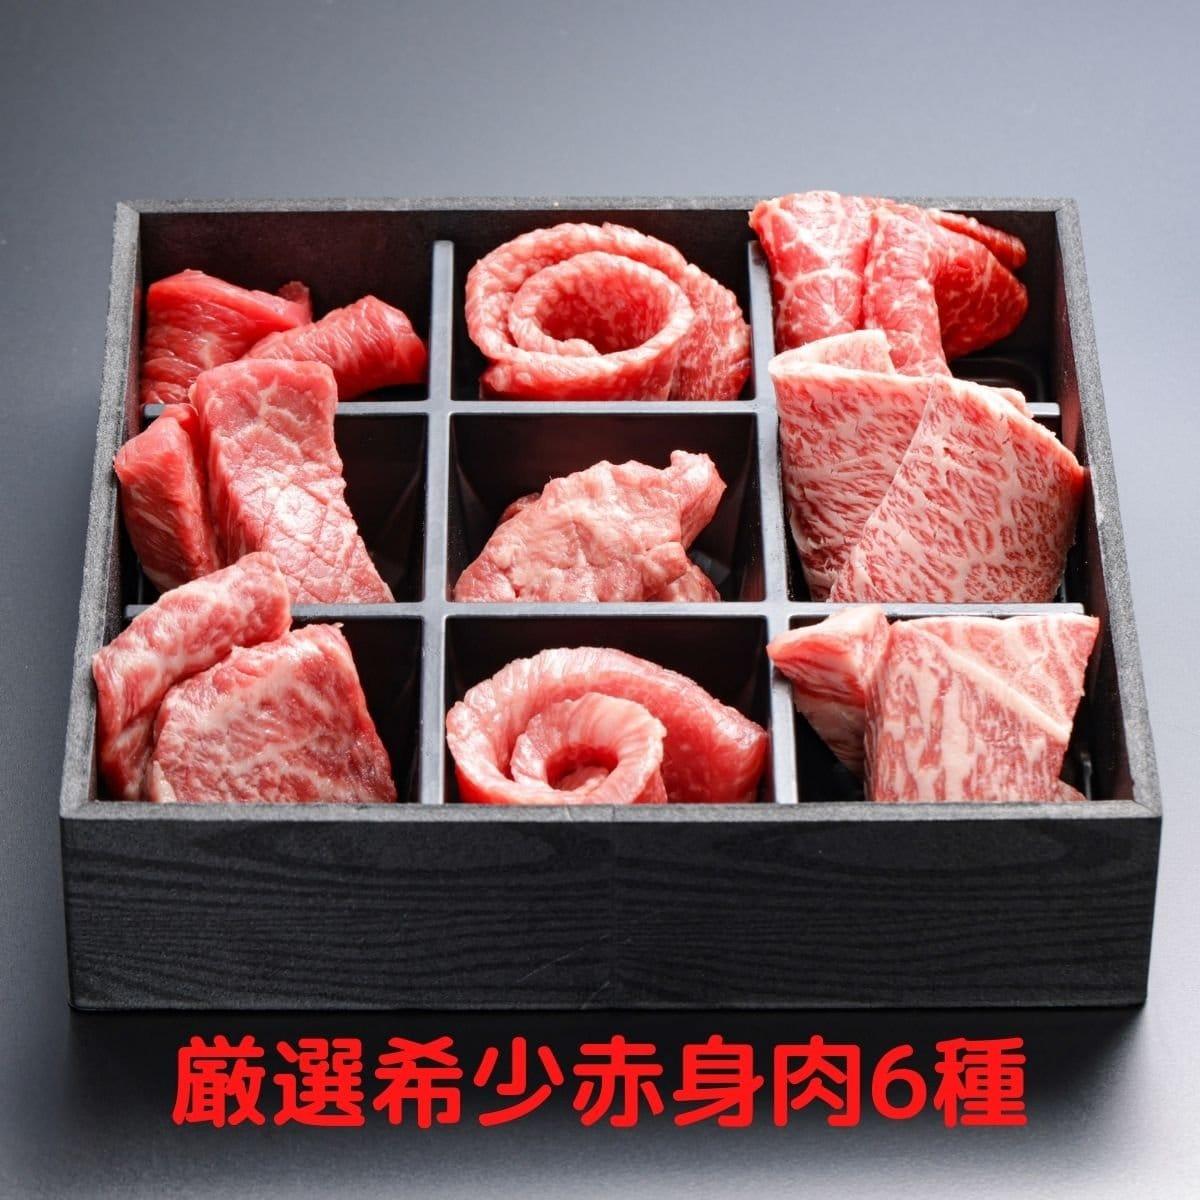 【店頭受け取り専用】のざき牛和牛9種盛り(2人用)厳選希少赤身肉6種類など全9種類の盛合わせです!豪華おうち焼肉!のイメージその3